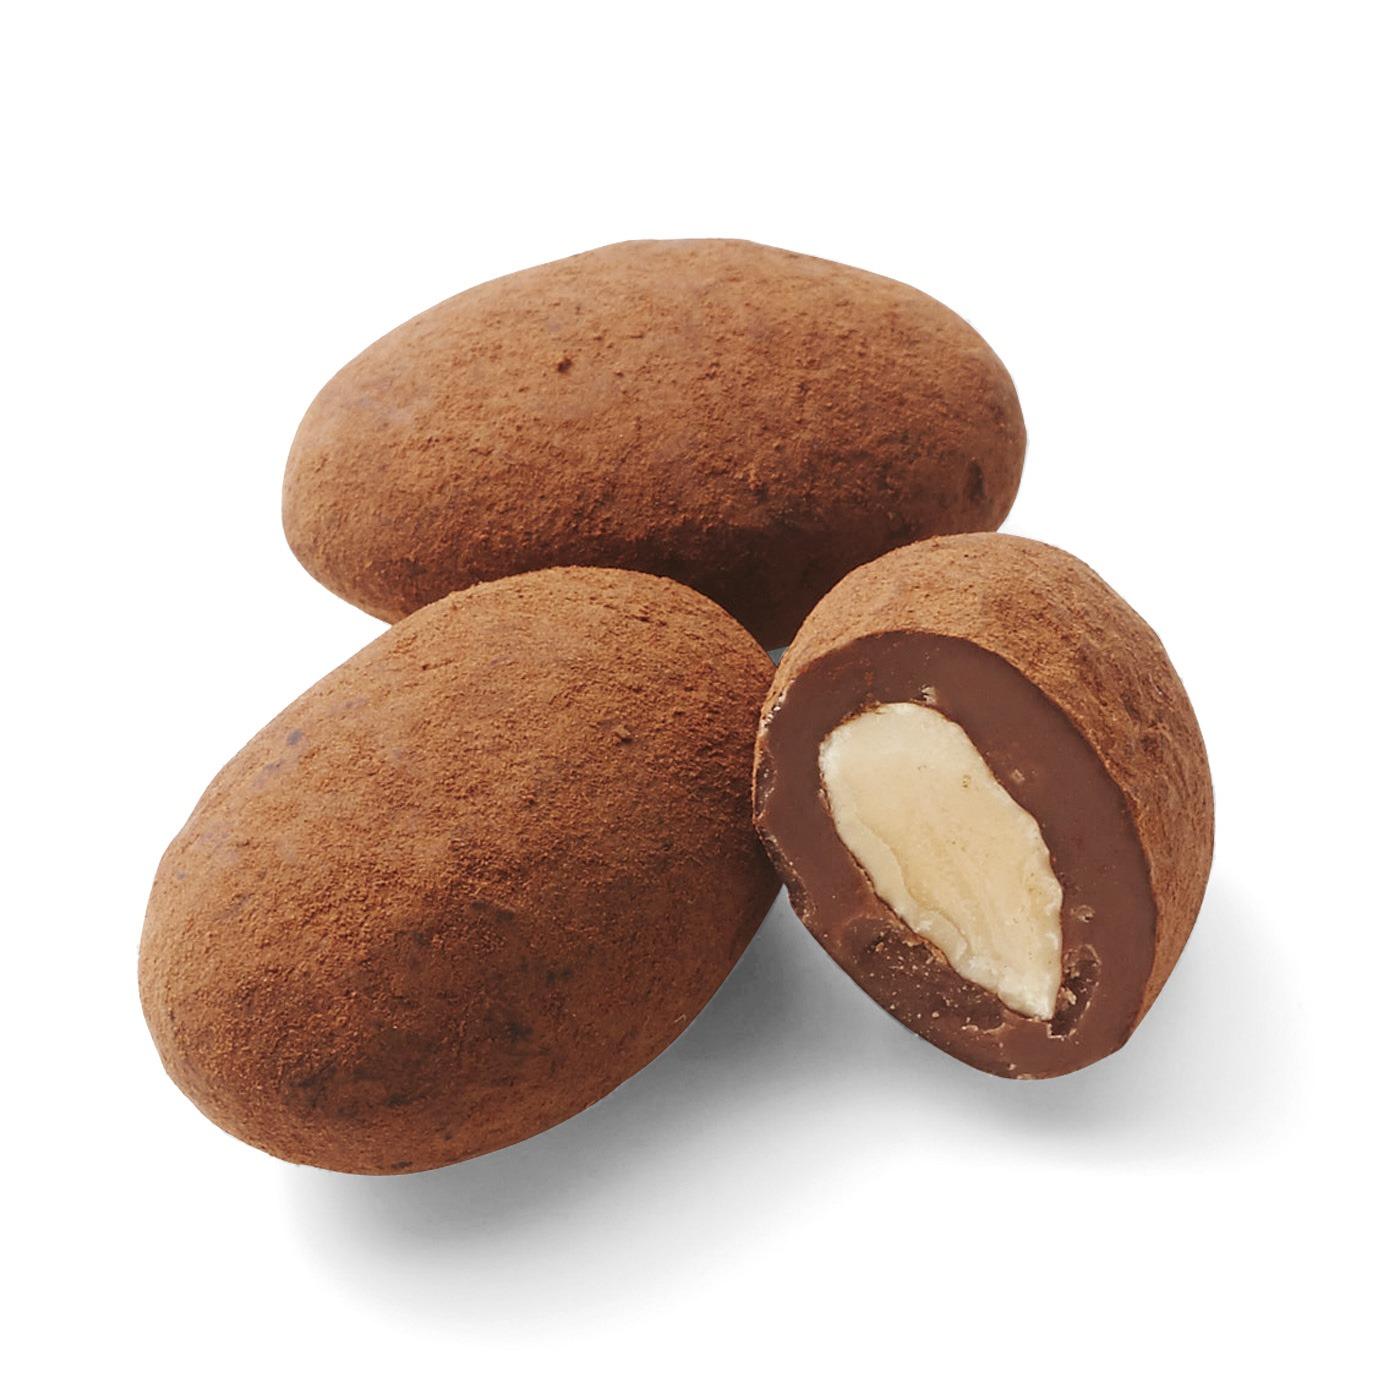 2 アーモンドトンカミルク: シチリア・アヴォラ産のアーモンドと、クリーミーなトンカ豆風味の最高級ミルクチョコの組み合わせ。